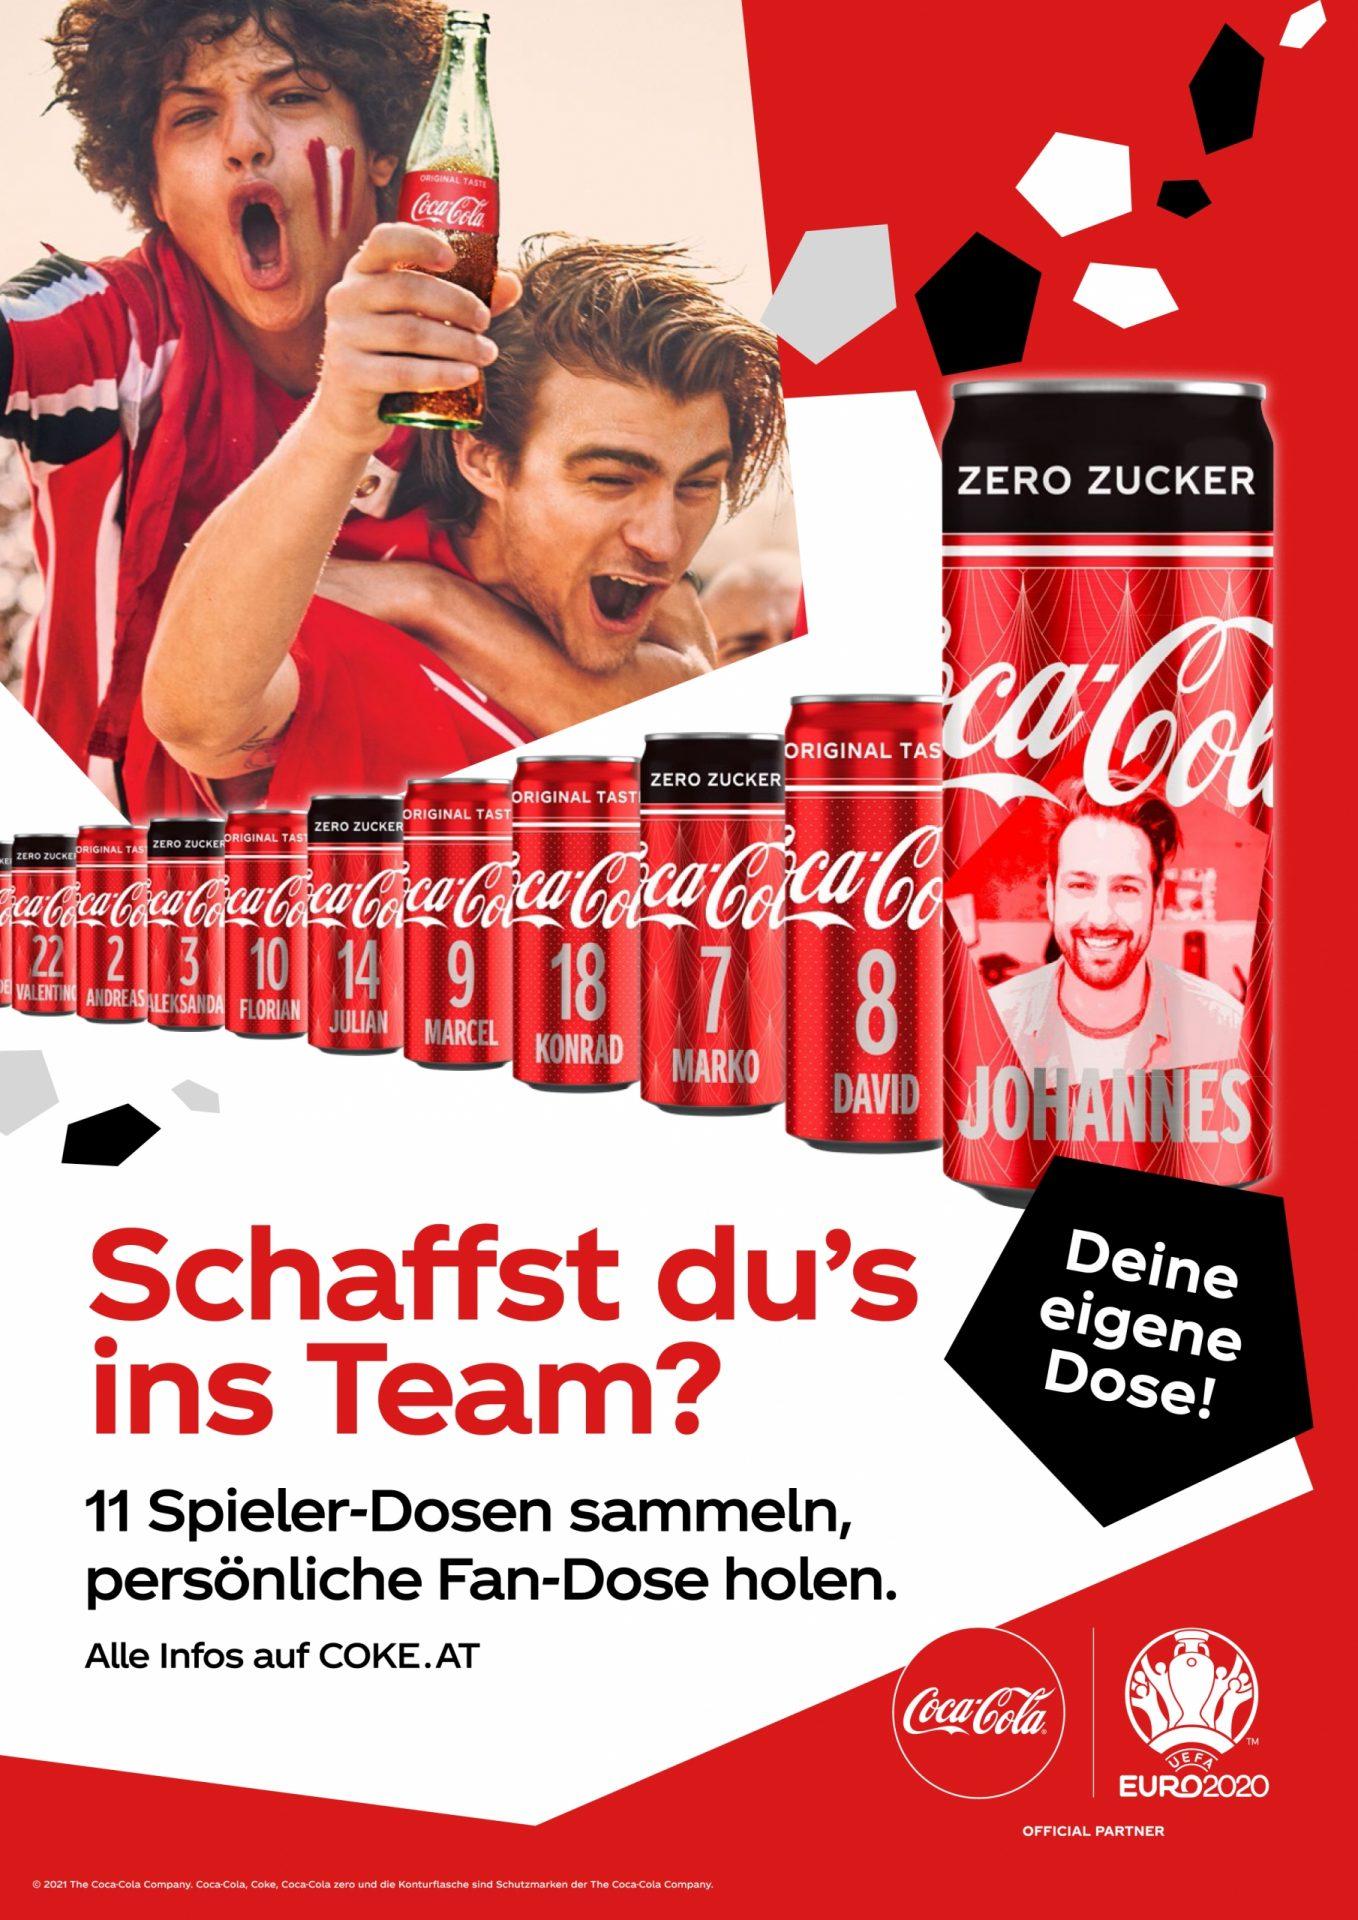 Schaffst dus ins Team Coca Cola Sammeldosen Promotion scaled 17. Juni 2021